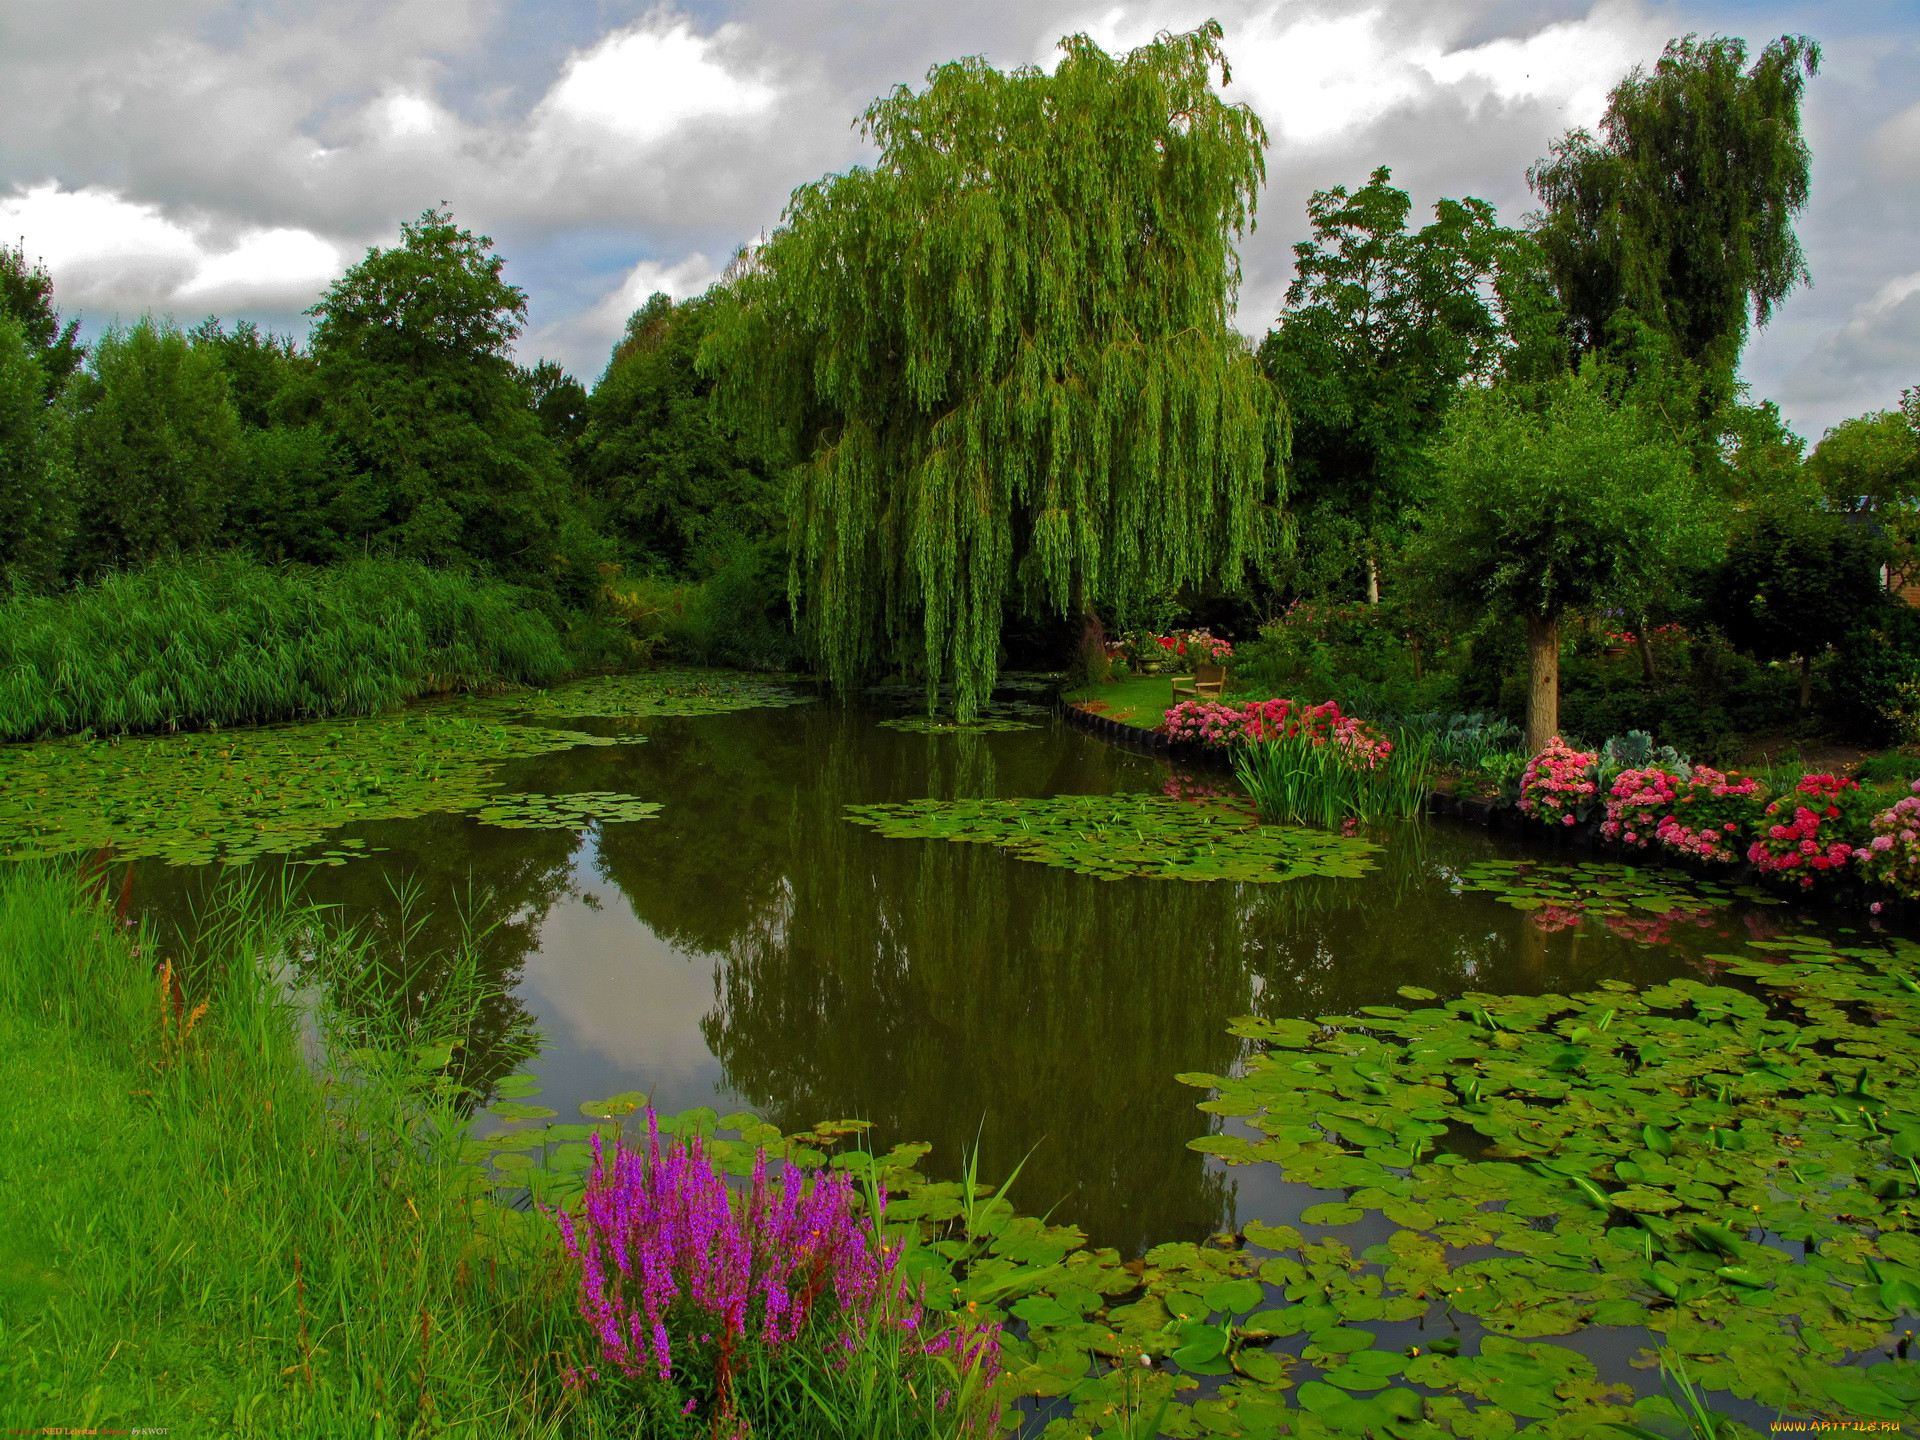 стол картинки деревья цветы трава вода груди